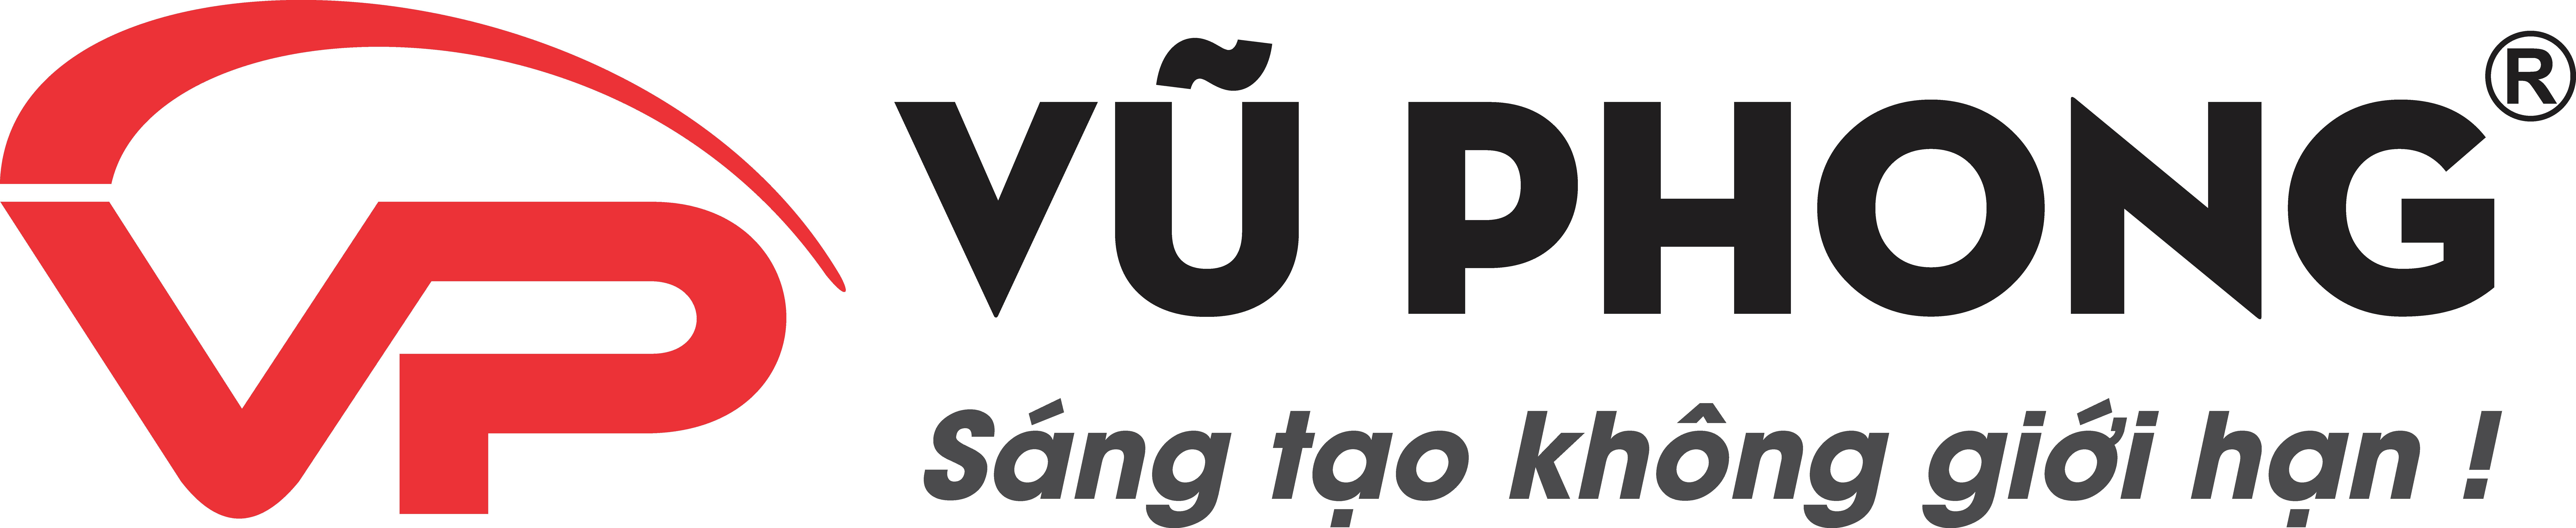 Biển Quảng Cáo Hải Dương – Công ty nội thất và quảng cáo